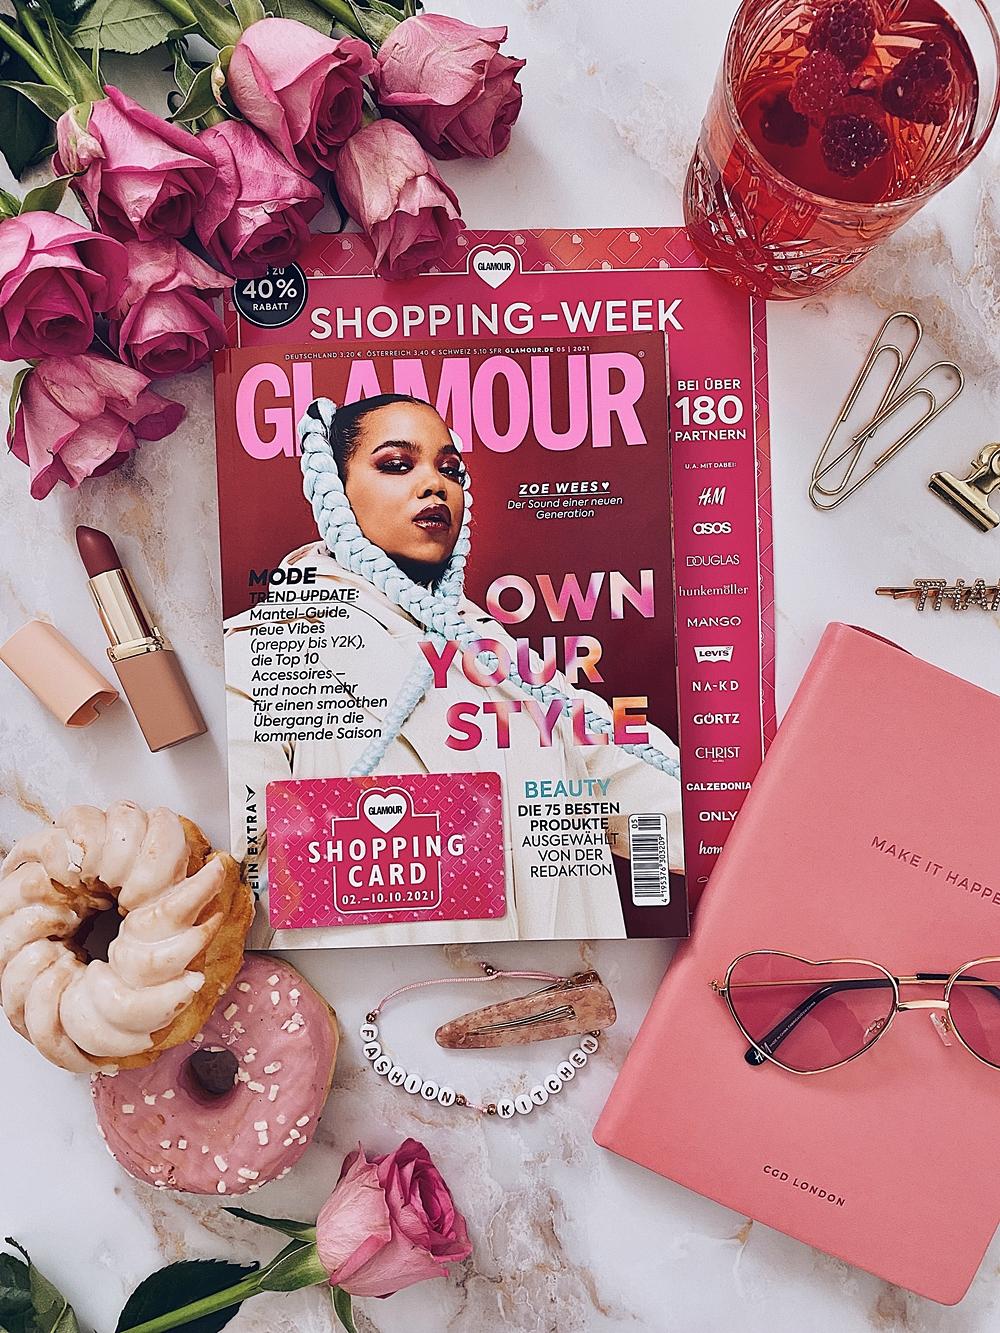 Glamour Shopping Week Oktober 2021